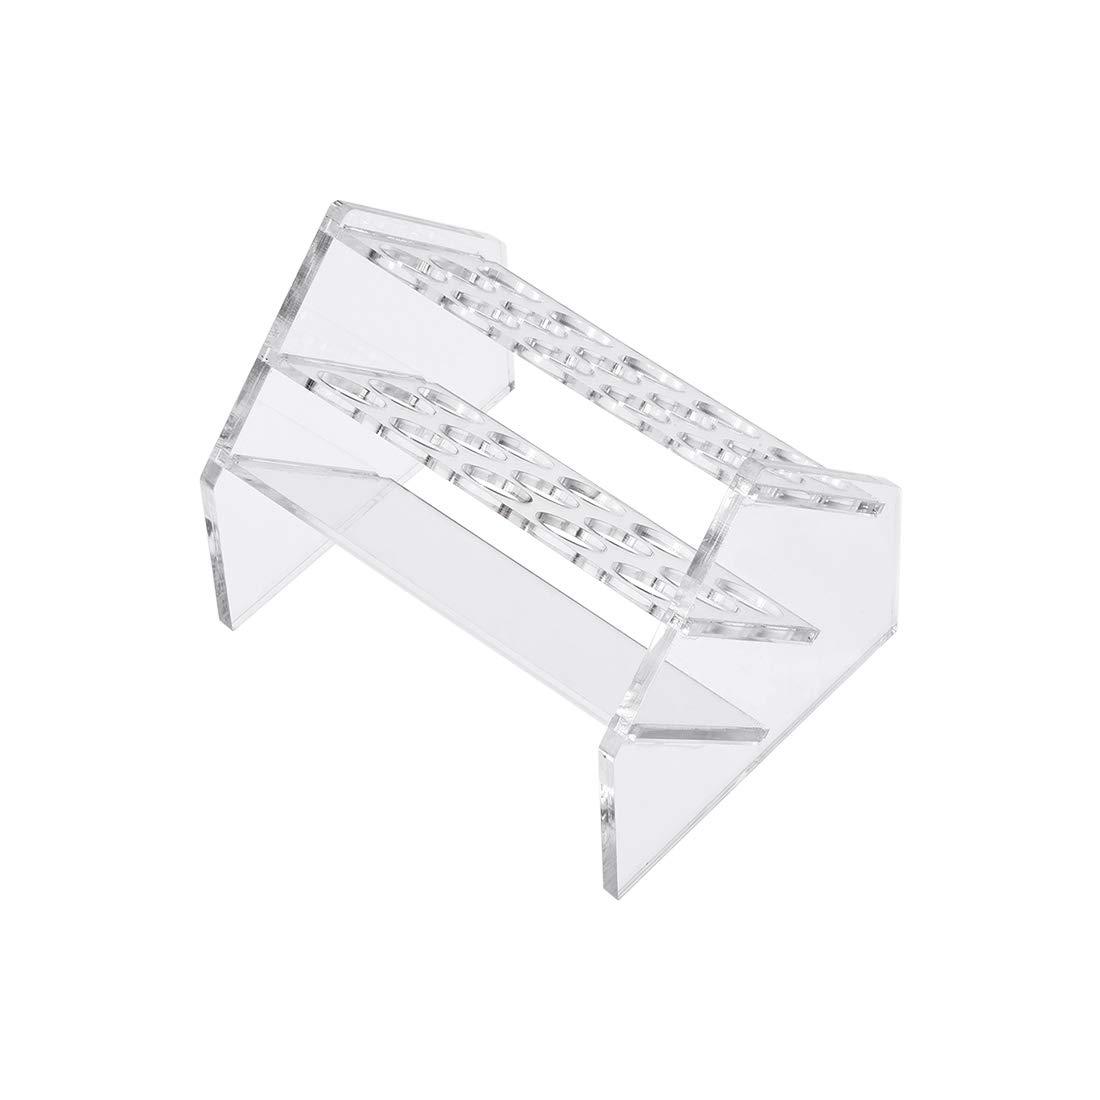 f/ür 50 ml transparent Acryl 30 mm Lochdurchmesser 10 Mulden Sourcing Map Reagenzglas-Gestell